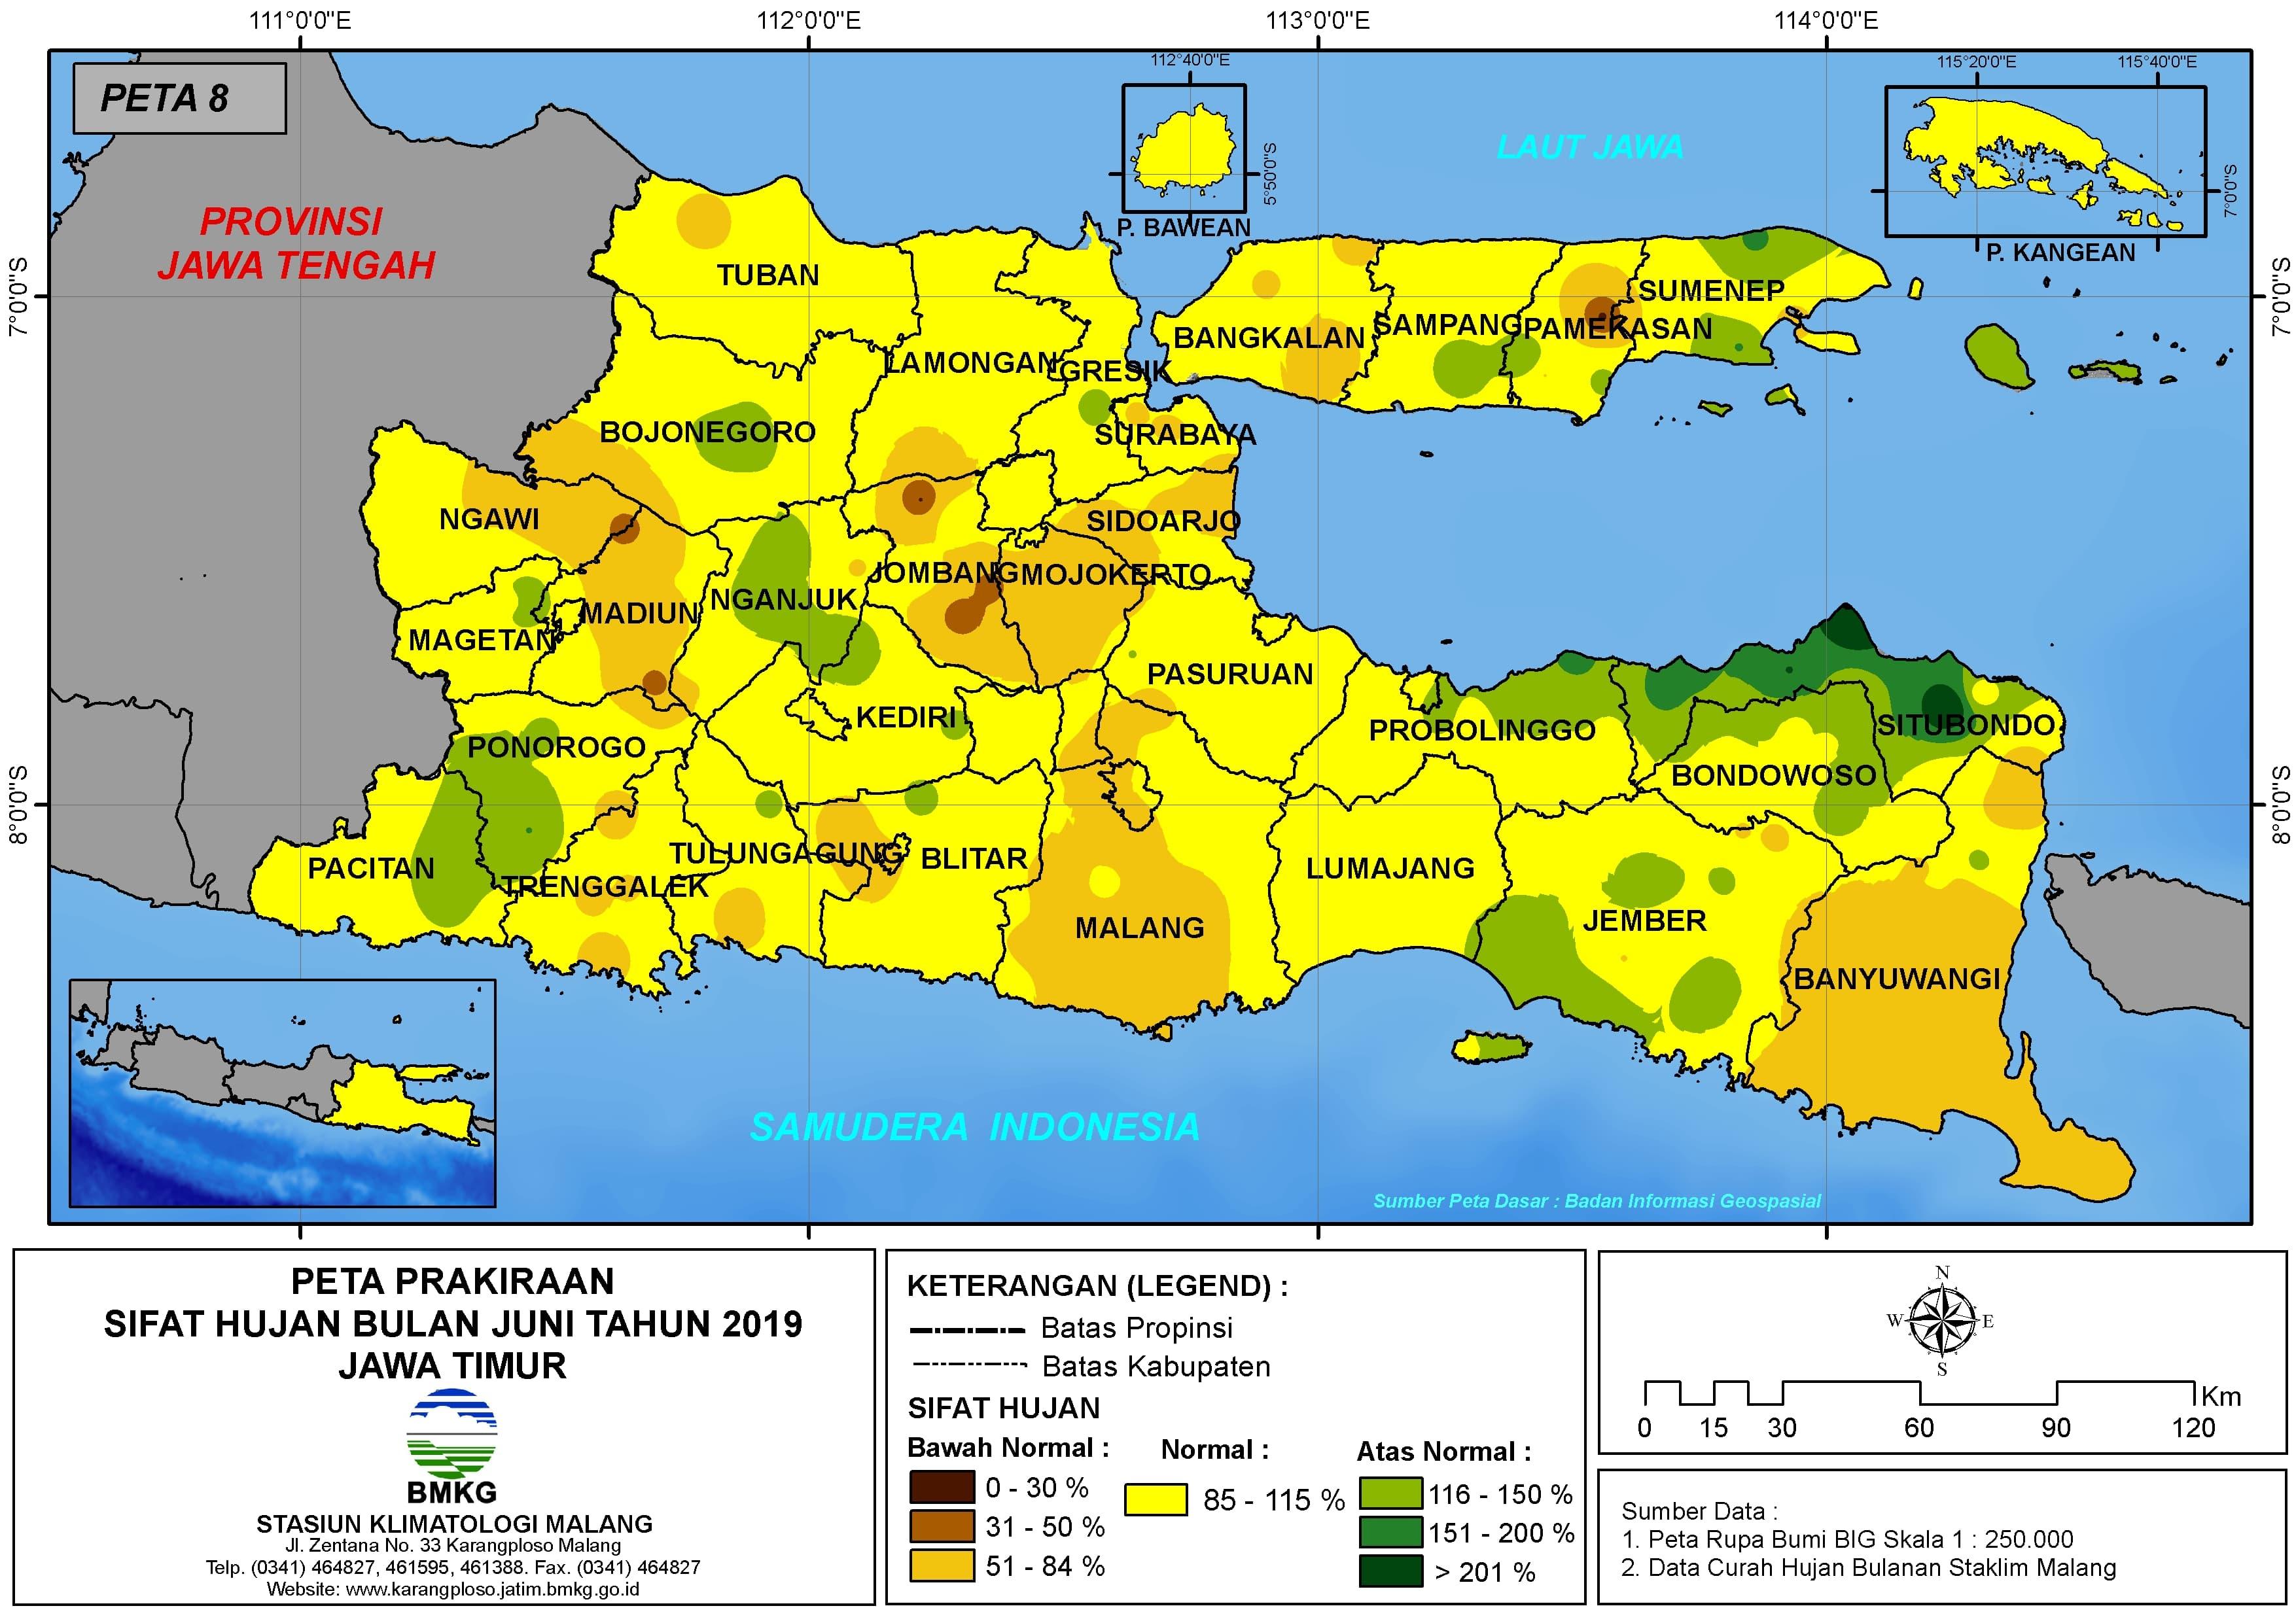 Prakiraan Sifat Hujan Bulan Juni Tahun 2019 di Provinsi Jawa Timur Update dari Analisis Bulan Februari 2019